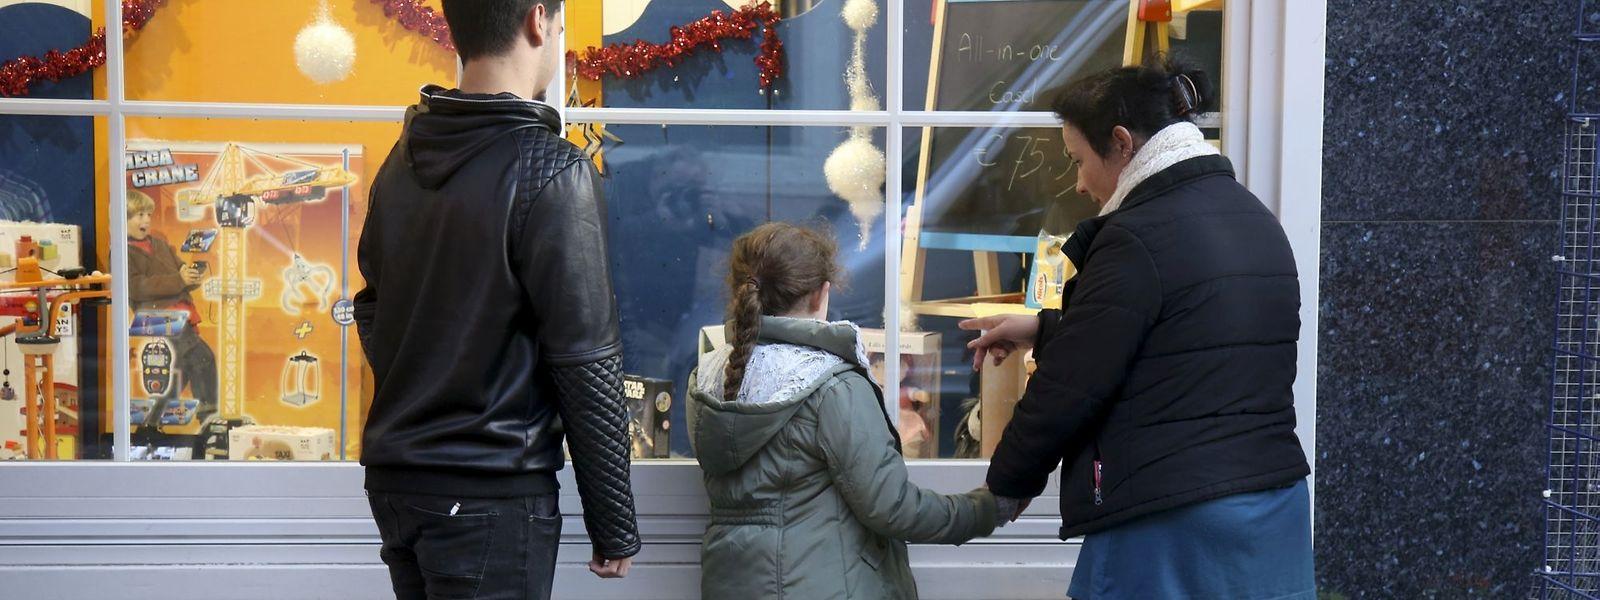 Viele Familien in Luxemburg können sich keine teuren Geschenke an Weihnachten leisten.